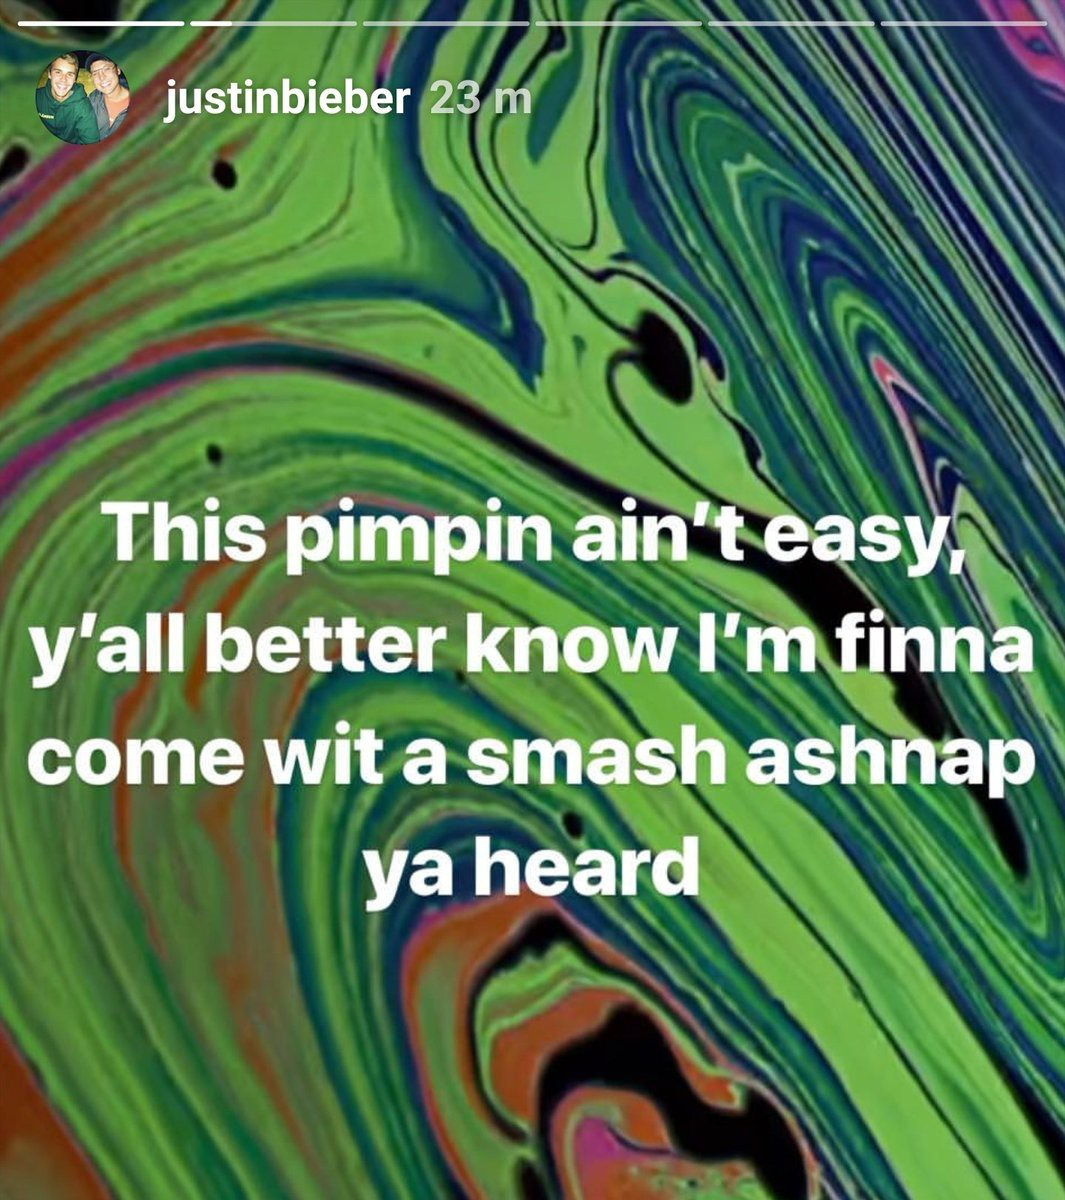 4 năm chờ đợi đằng đẵng đã sắp kết thúc, fan chuẩn bị tâm thế nghe nhạc mới của Justin Bieber nhé! - Ảnh 1.